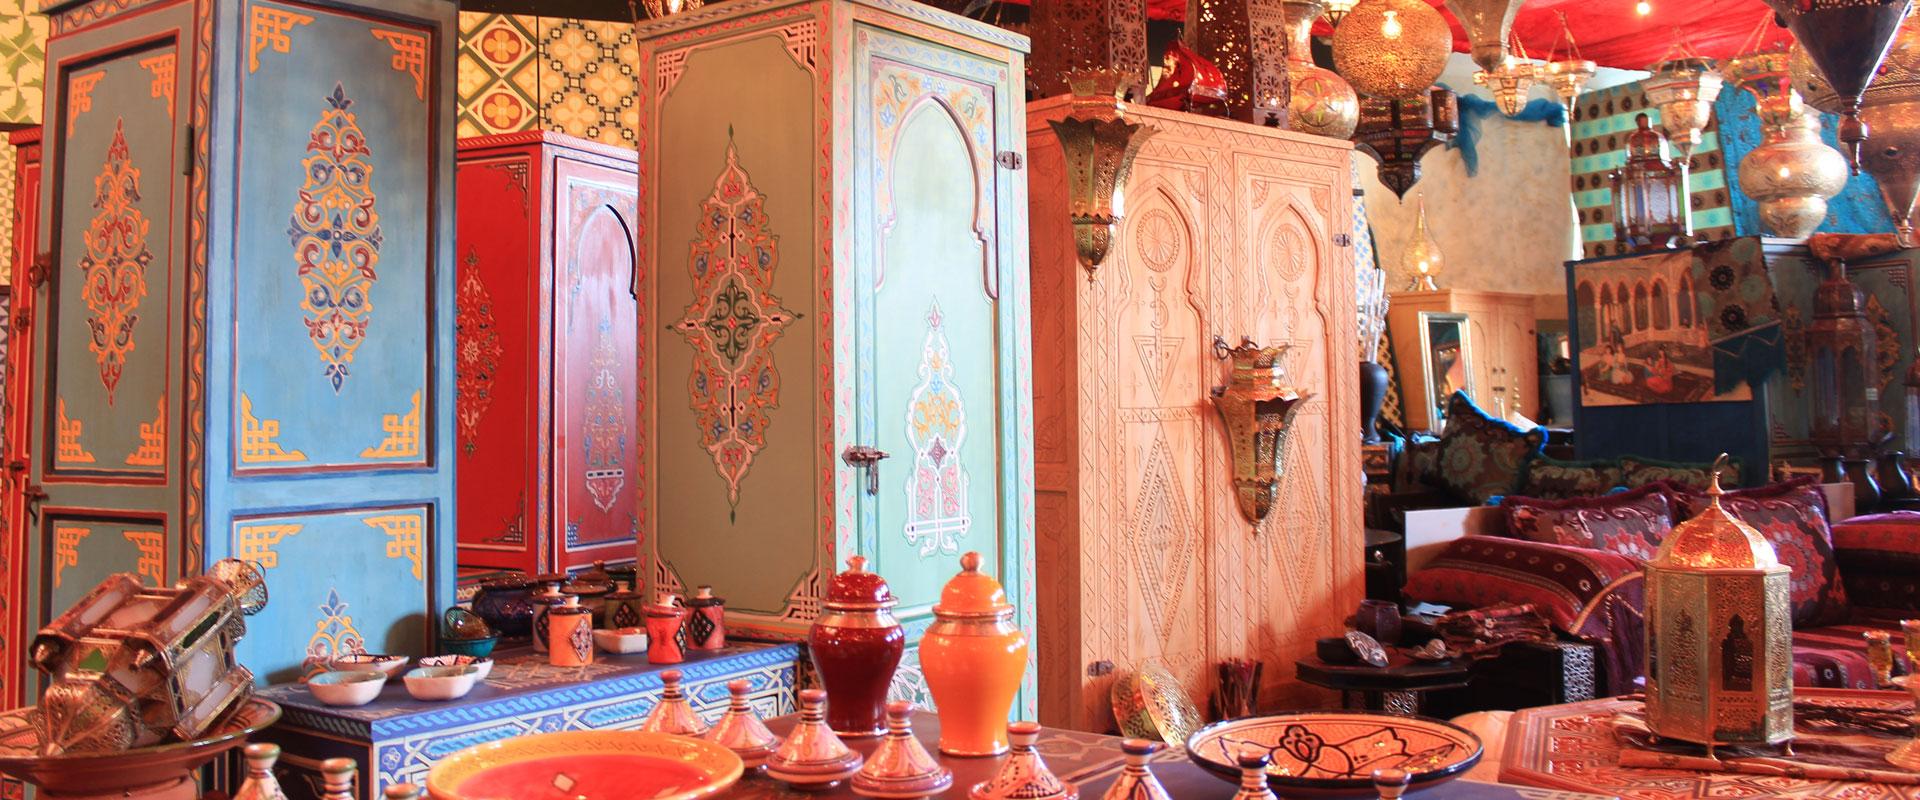 Ihr Online Shop für Orientalische Möbel